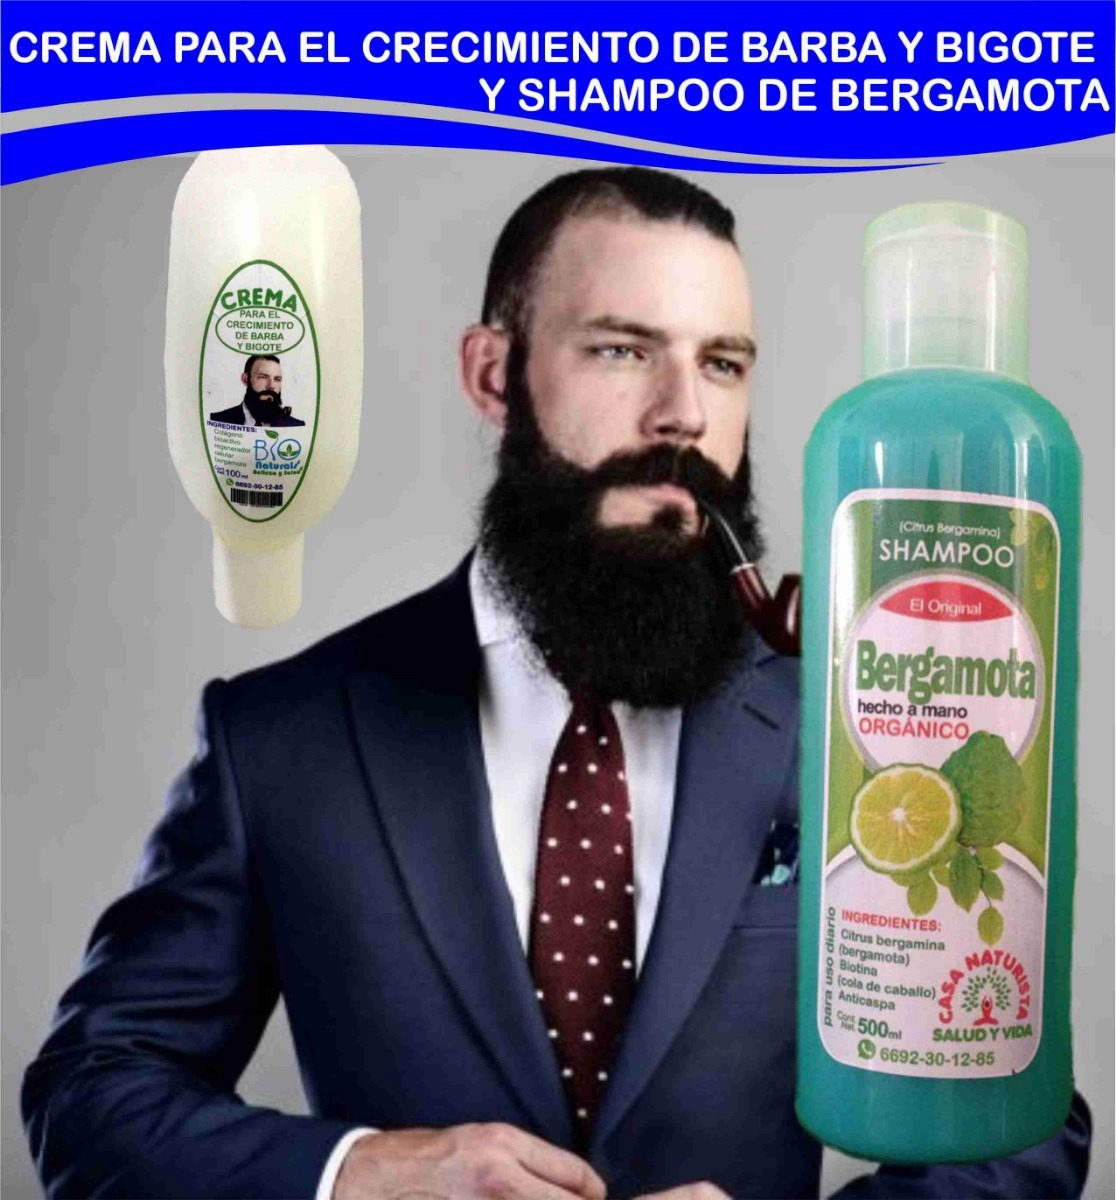 Crema Para El Crecimiento De Barba Y Shampoo De Bergamota -   299.00 ... 285e8a557ae0